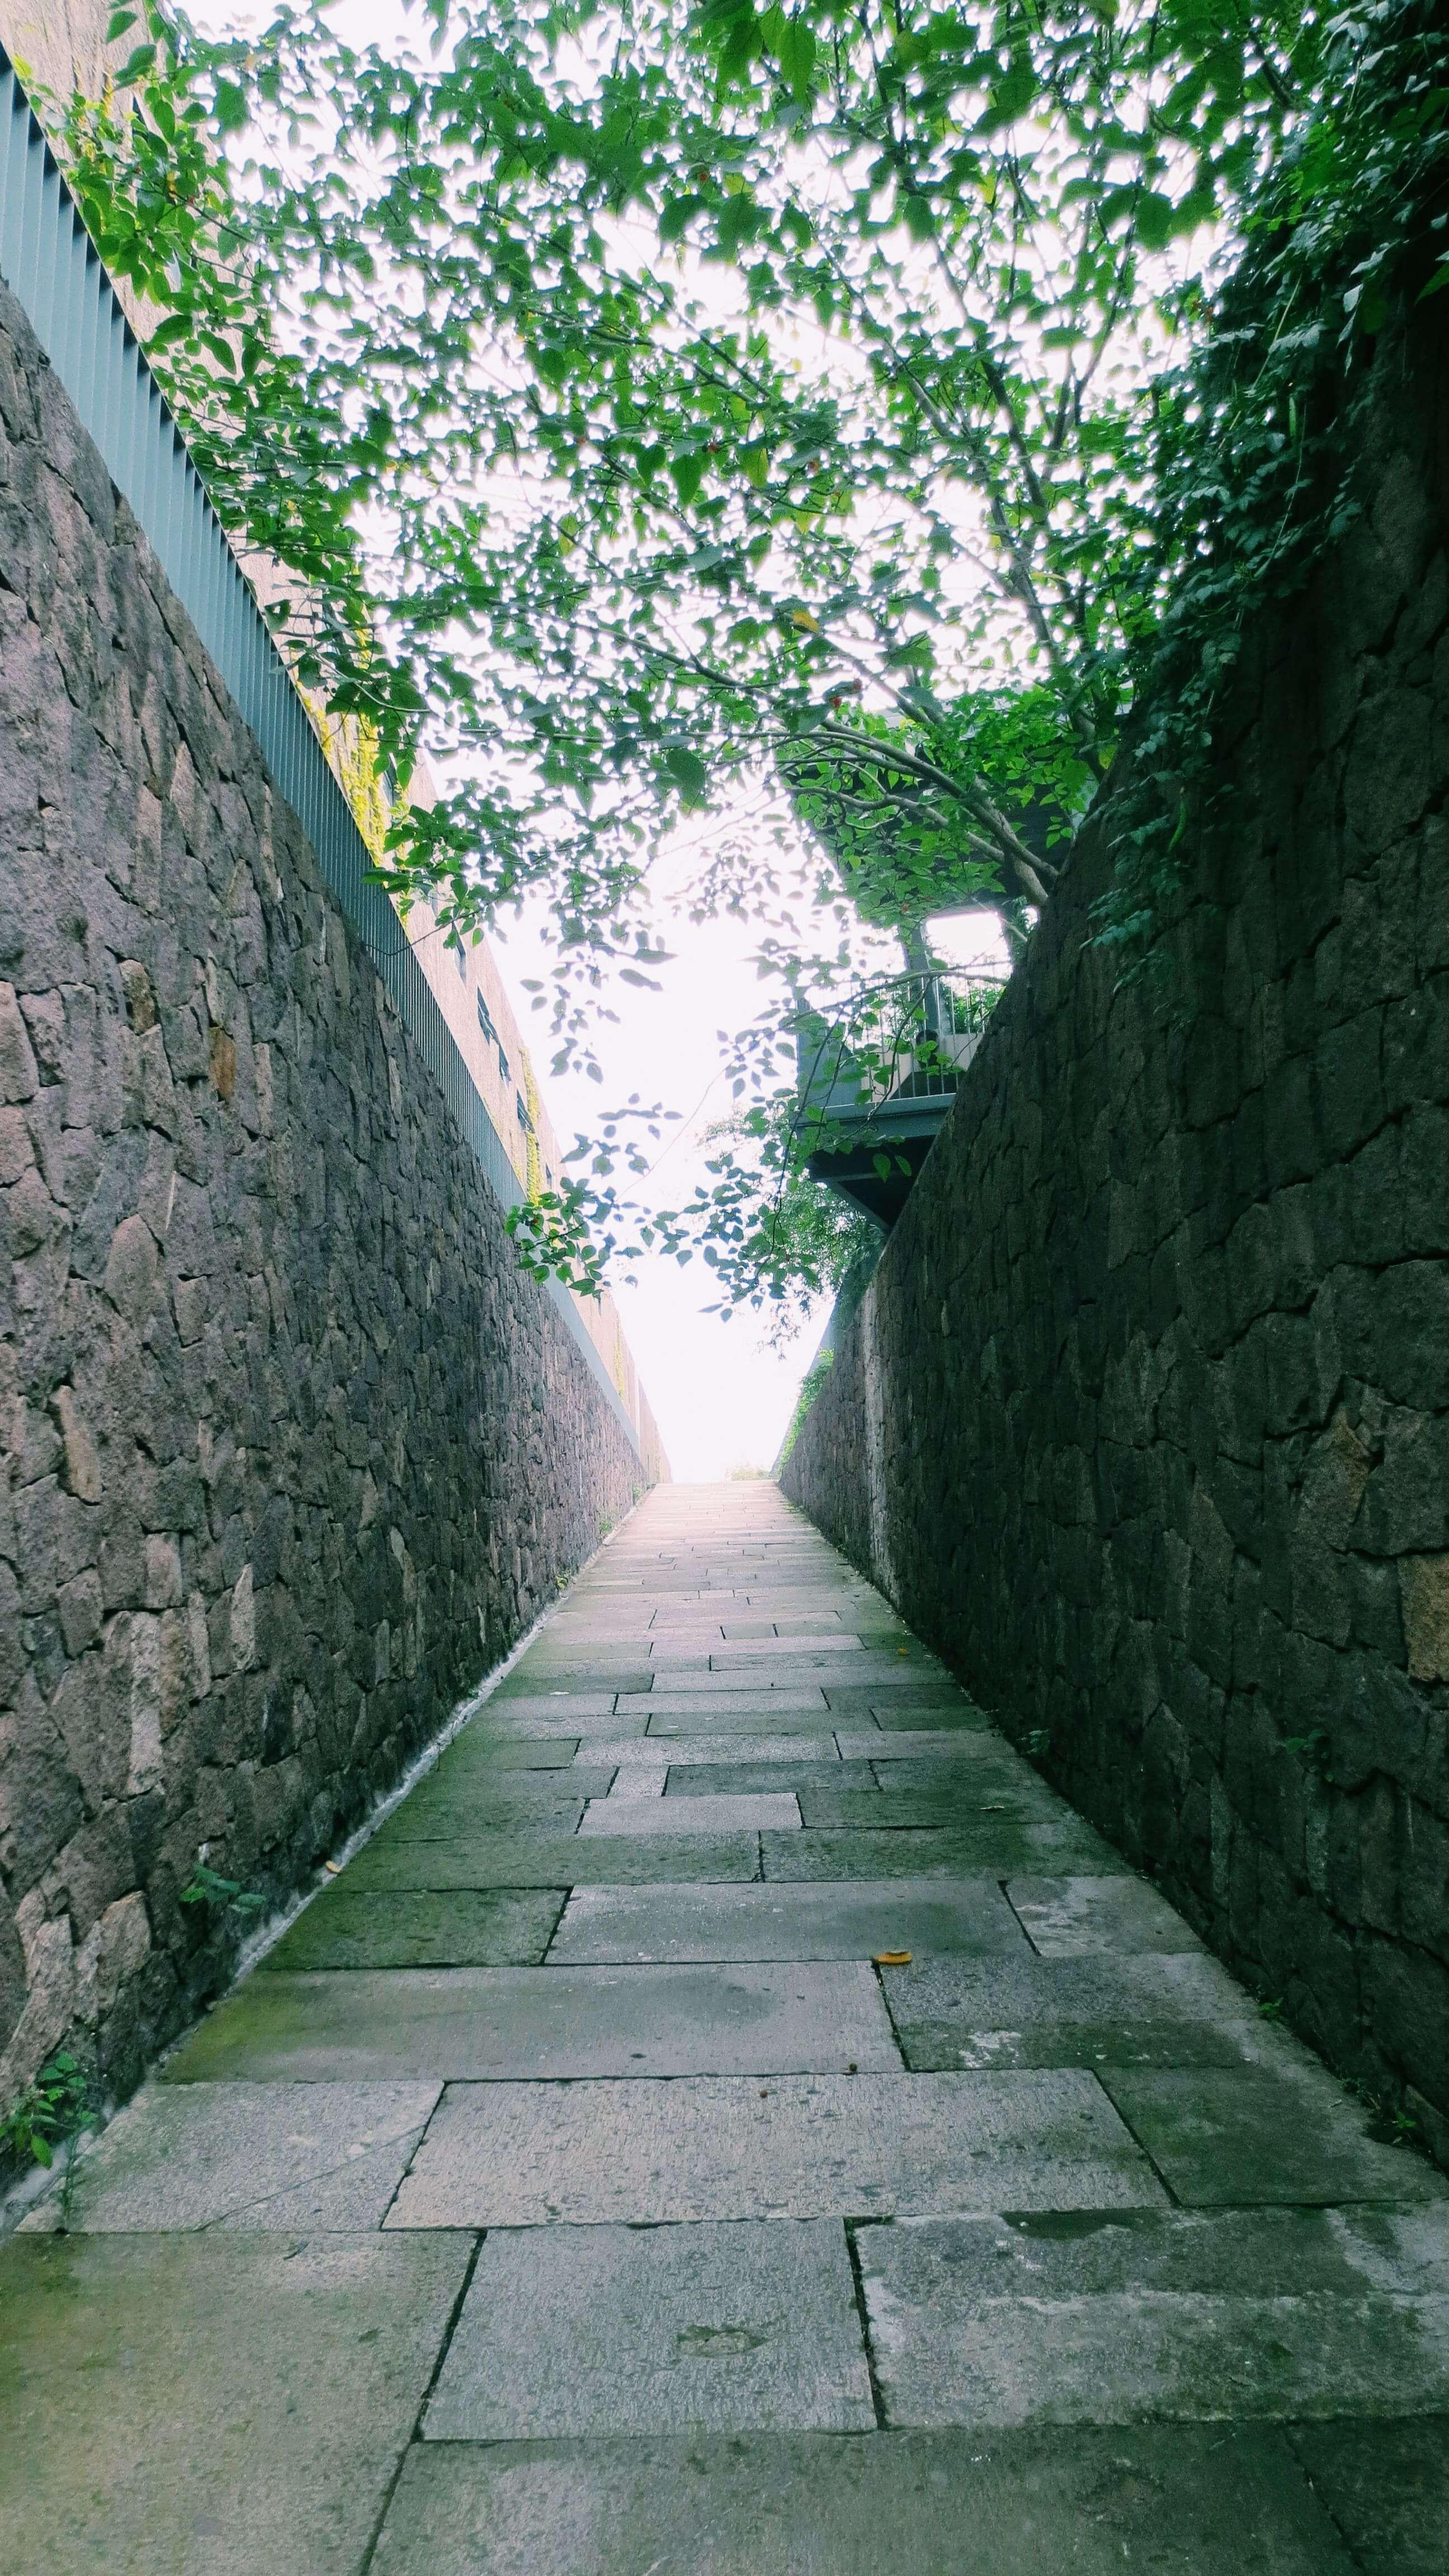 通向「幸福」的阶梯